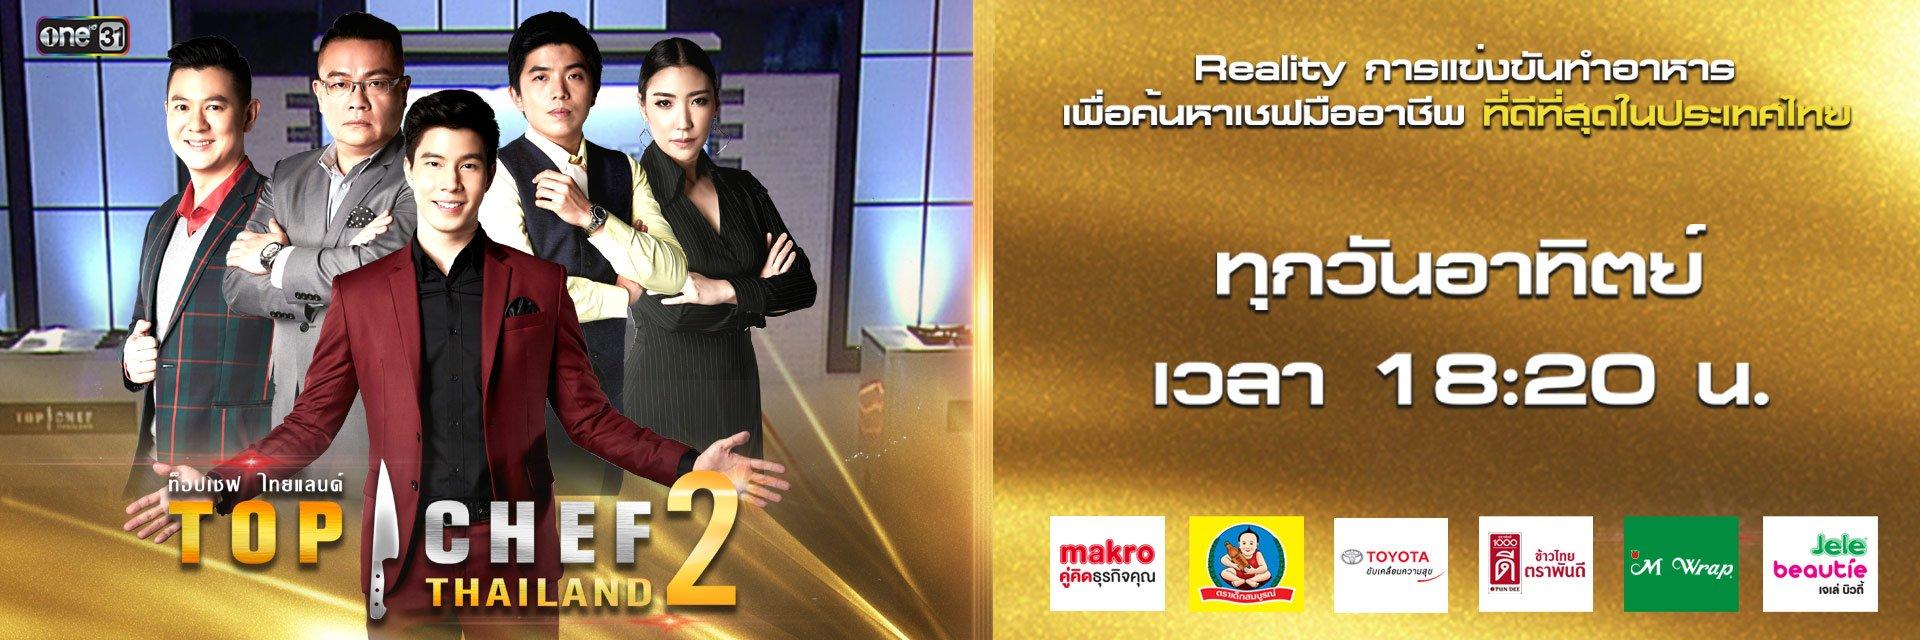 รายการ Top Chef Thailand Season 2